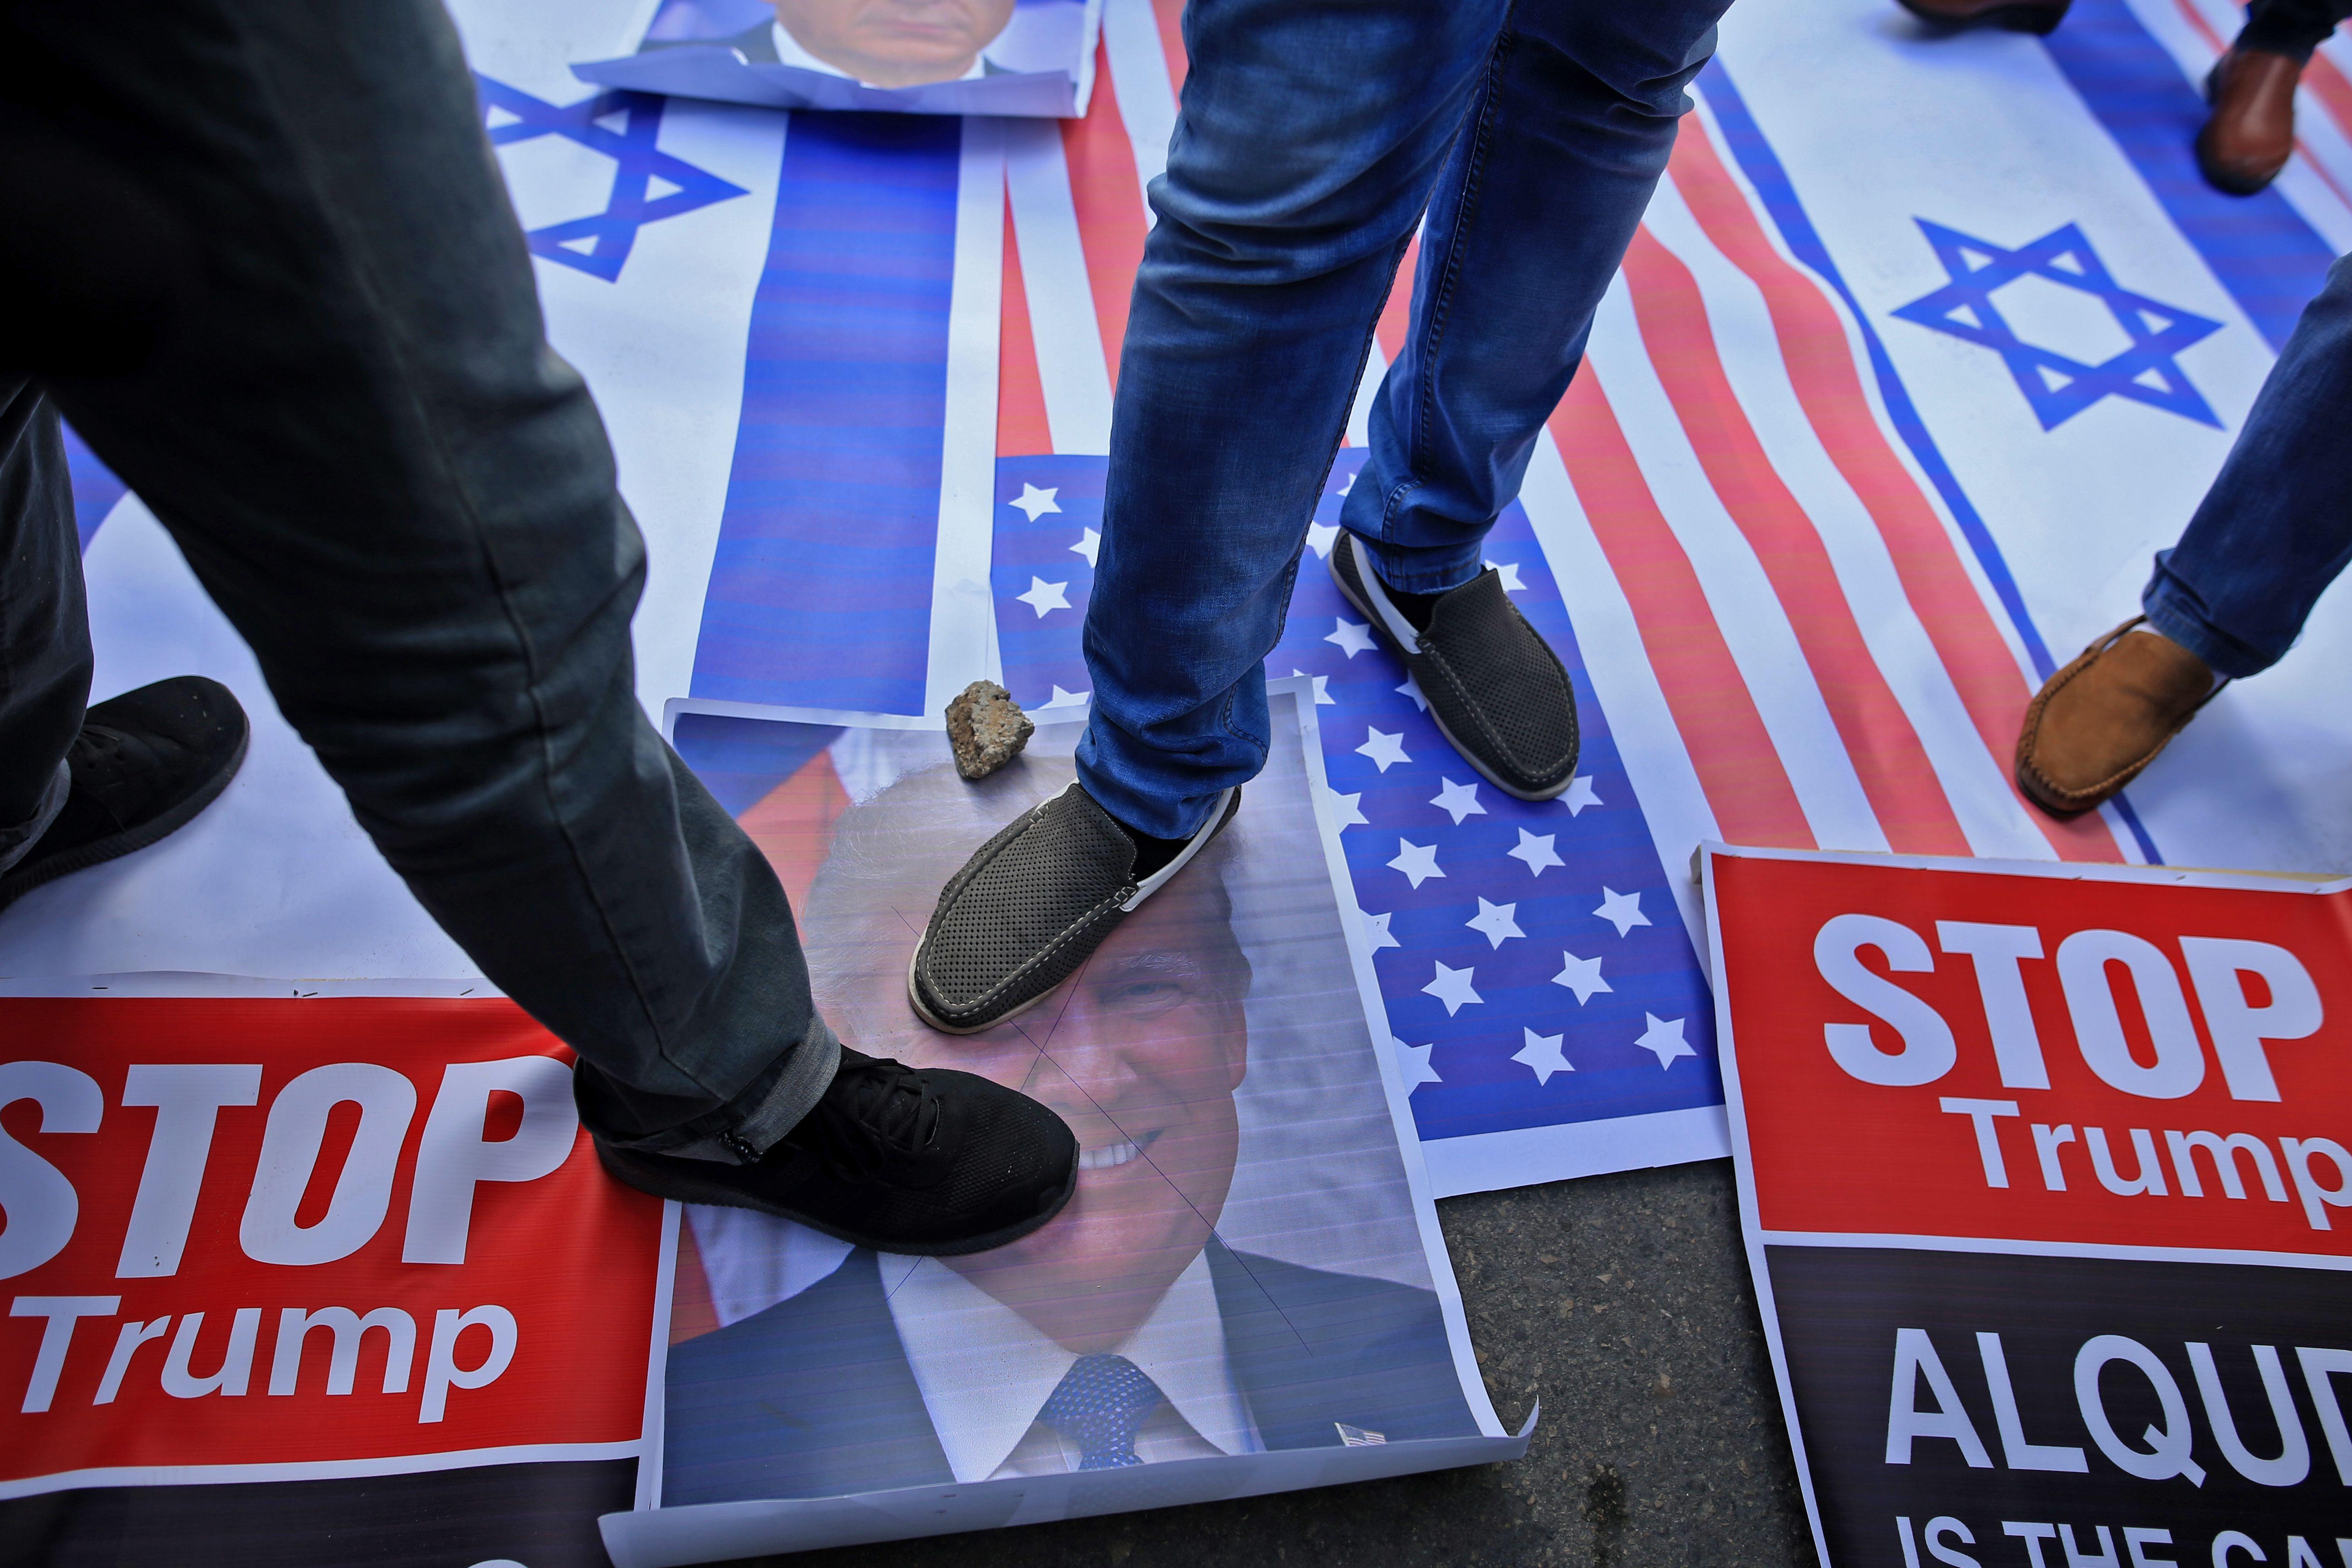 صور ترامب تحت الأحذية